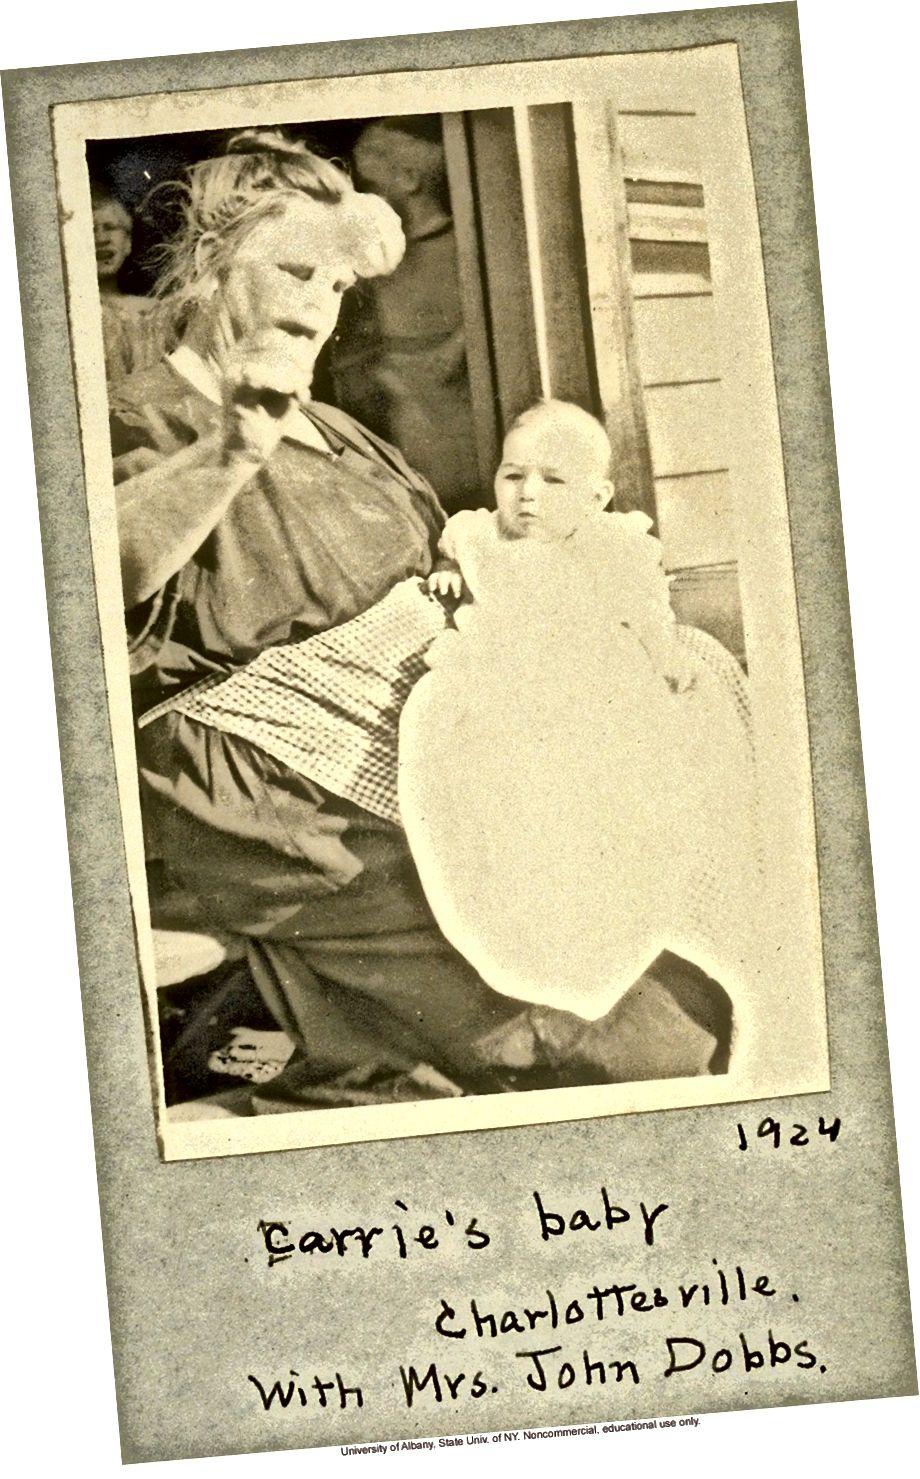 Vivien, con gái của Carrie, khoảng năm 1924, chết năm tám tuổi trong sự chăm sóc nuôi dưỡng. Ảnh: Được cung cấp / Đại học Albany, SUNY